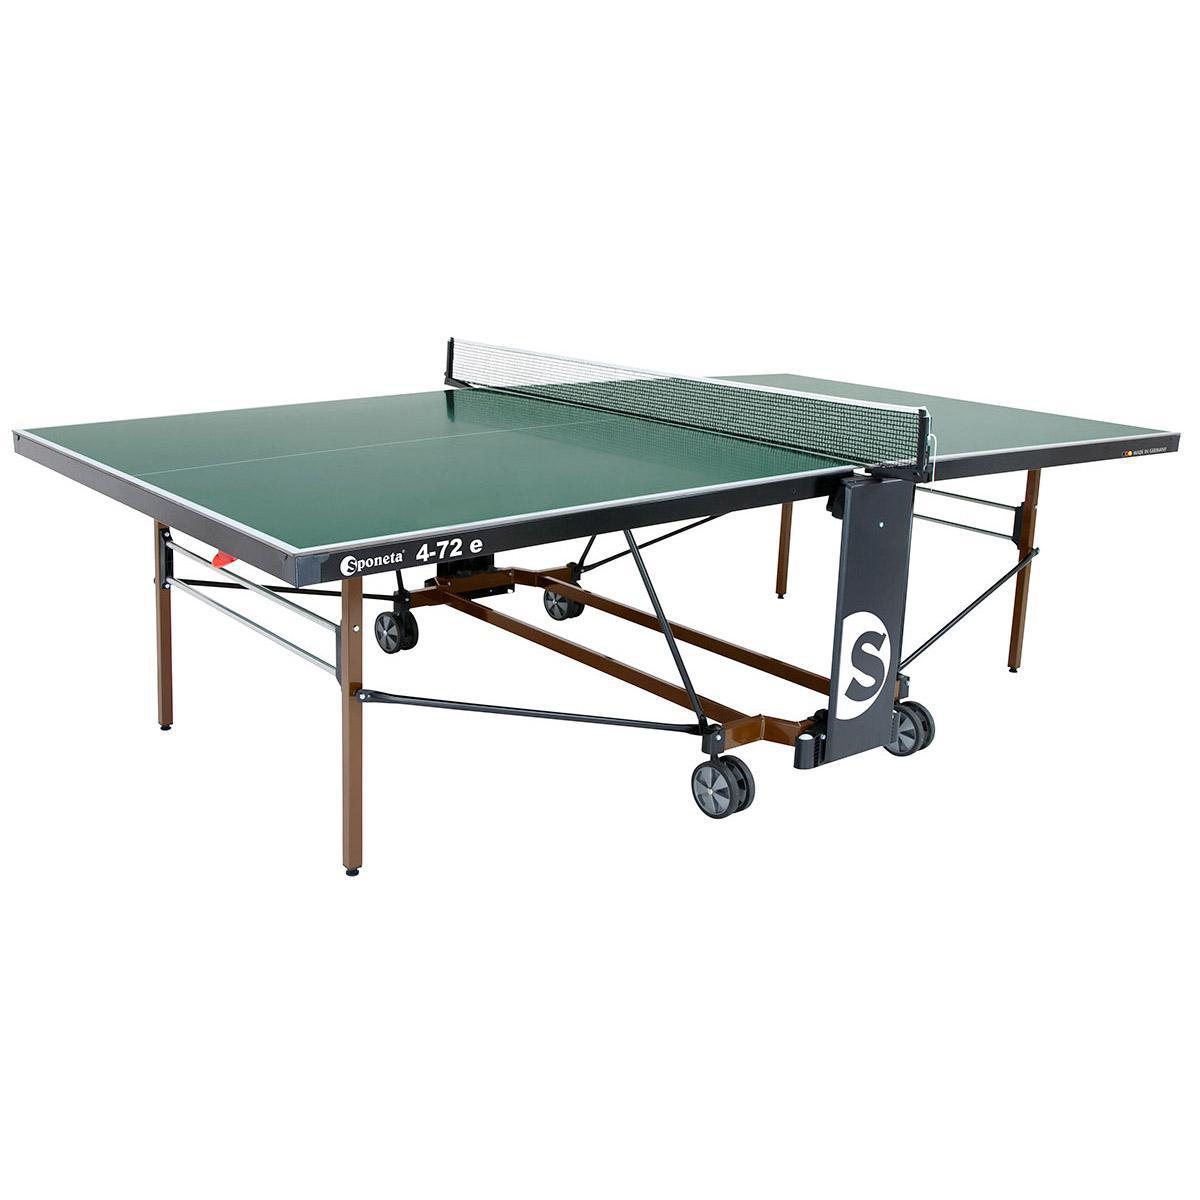 Sponeta expertline compact playback 19mm indoor table tennis table green - Sponeta table tennis table ...